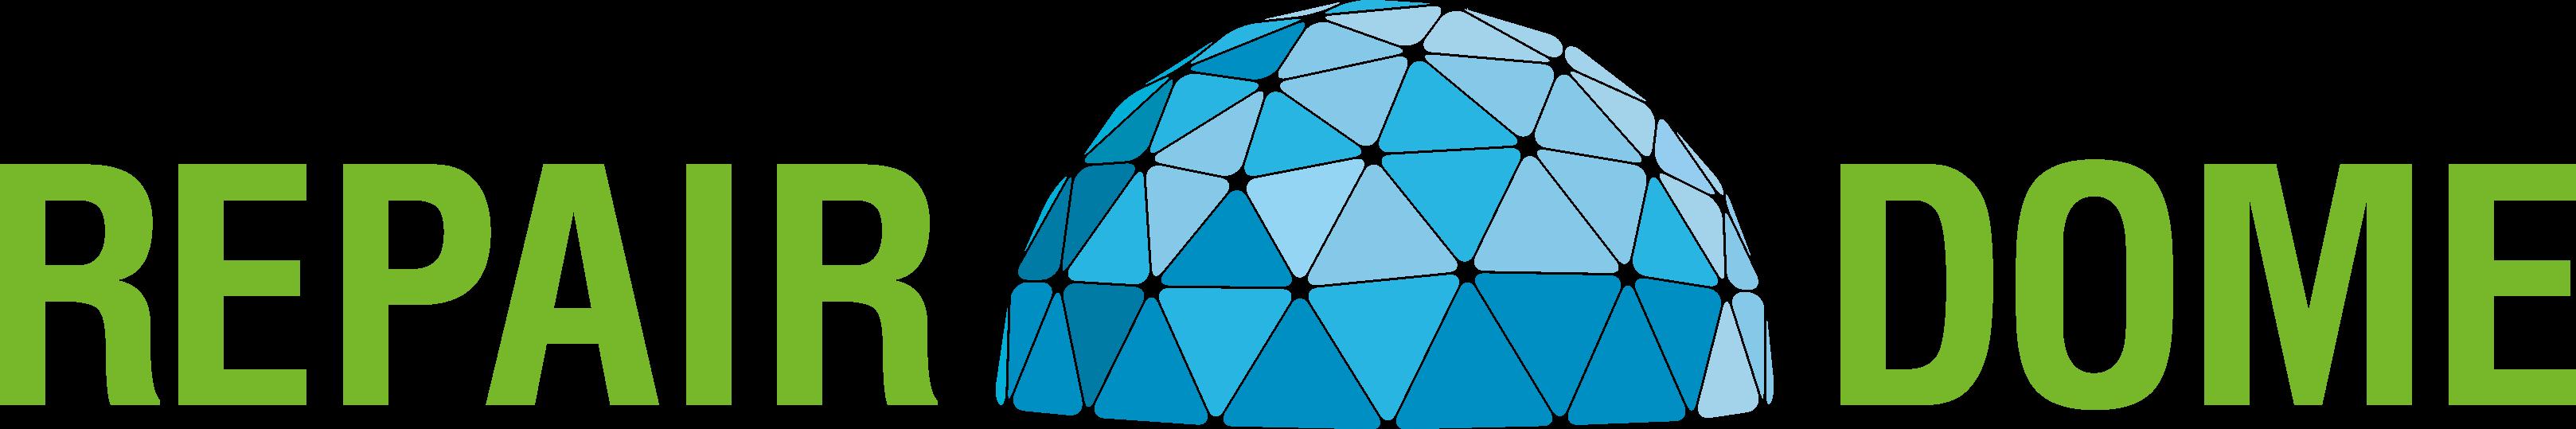 Repair Dome